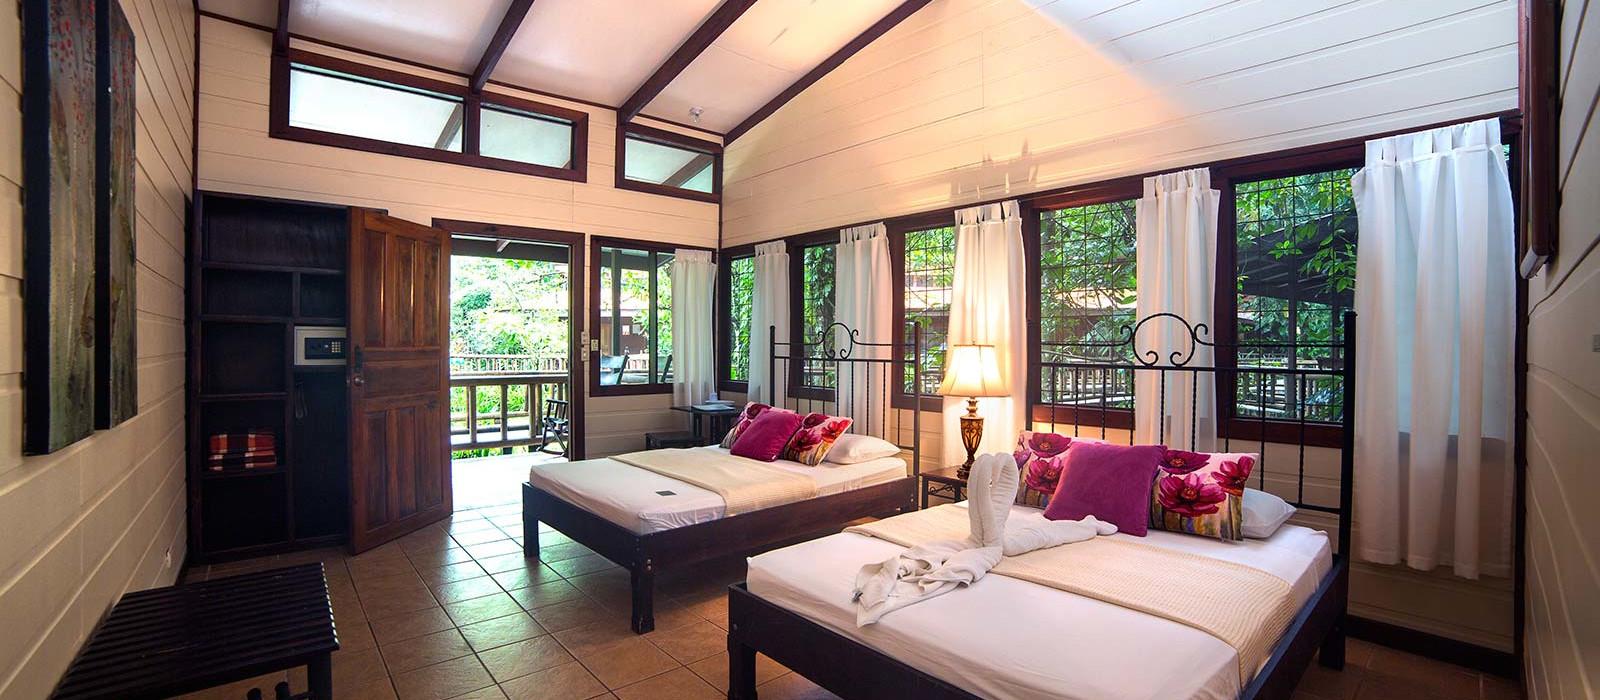 Hotel Pachira Lodge Costa Rica